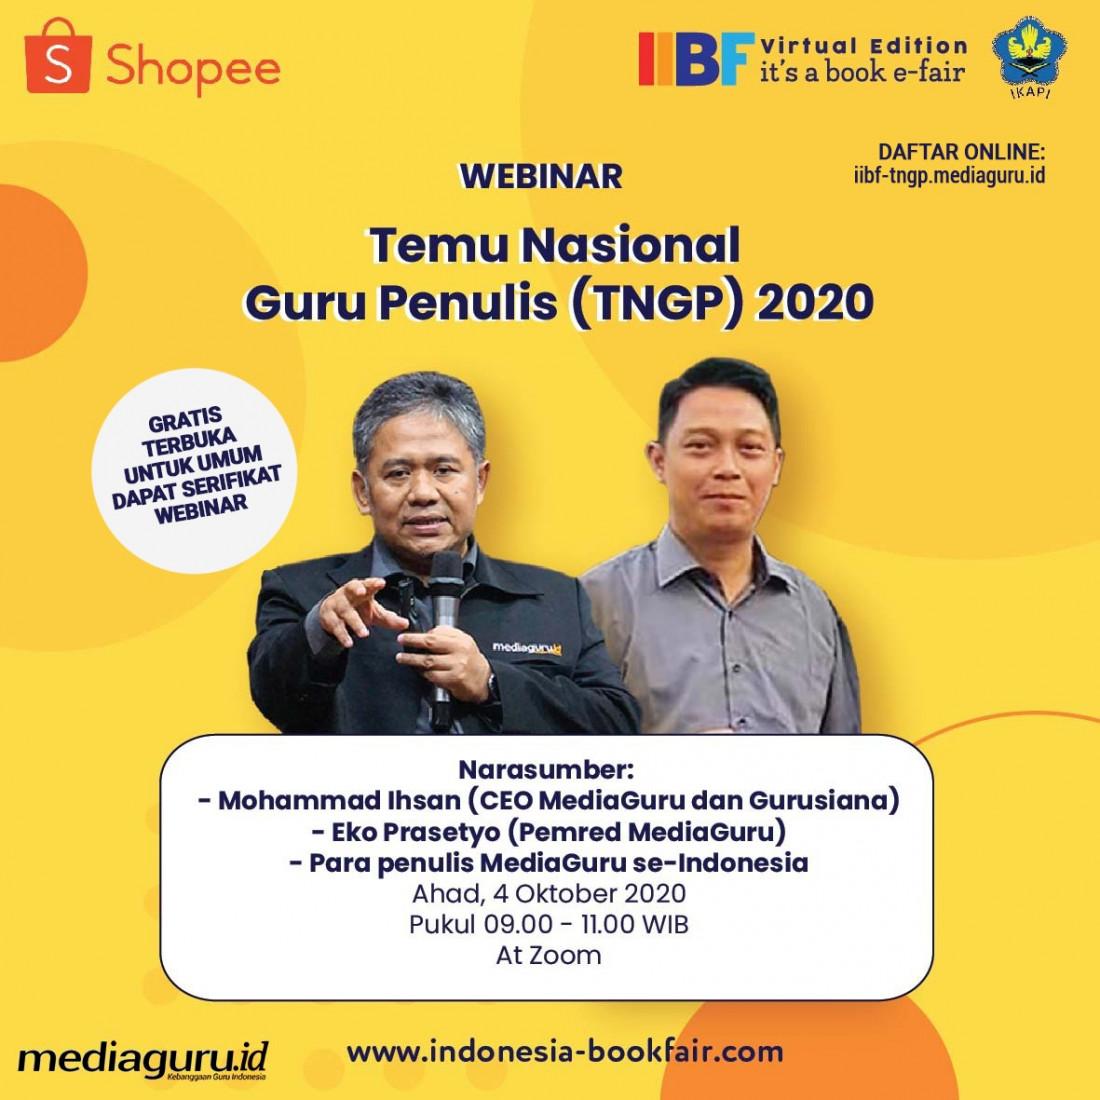 WEBINAR TEMU NASIONAL GURU PENULIS (TNGP) IIBF 2020 (4 OKTOBER 2020)